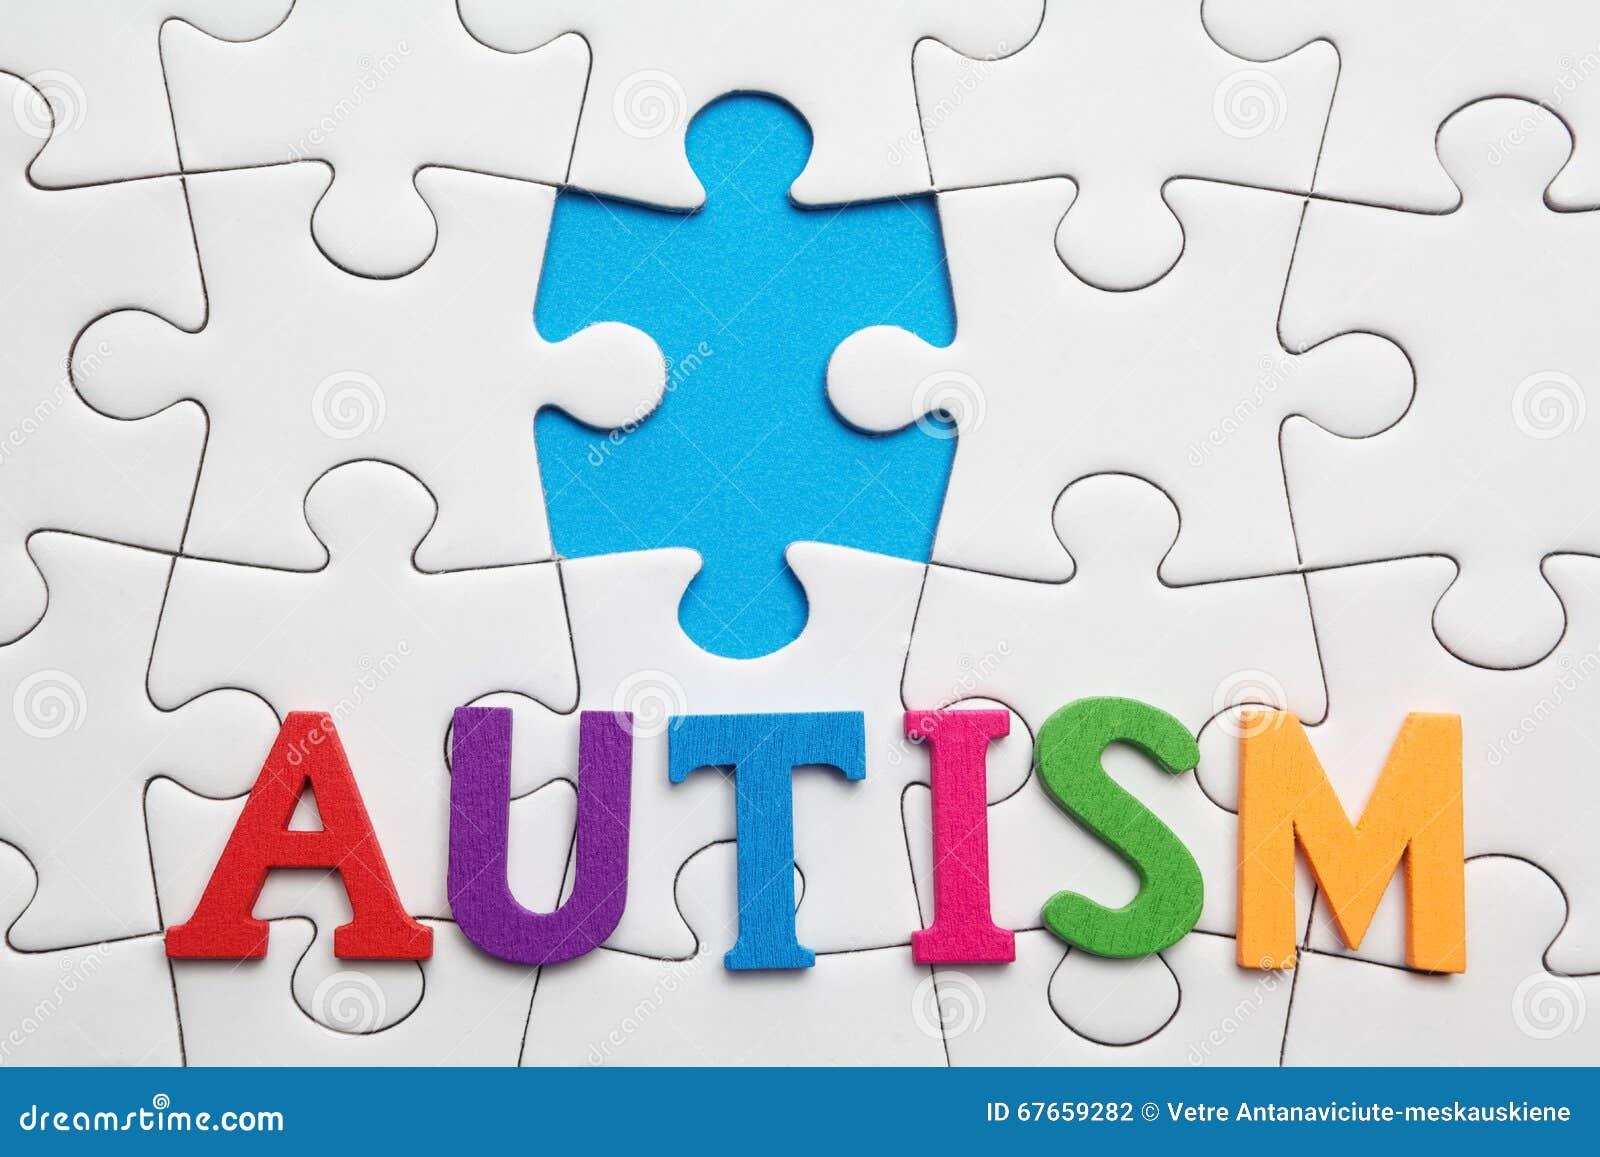 Autism inscription on a white puzzle background stock photo image autism inscription on a white puzzle background biocorpaavc Gallery